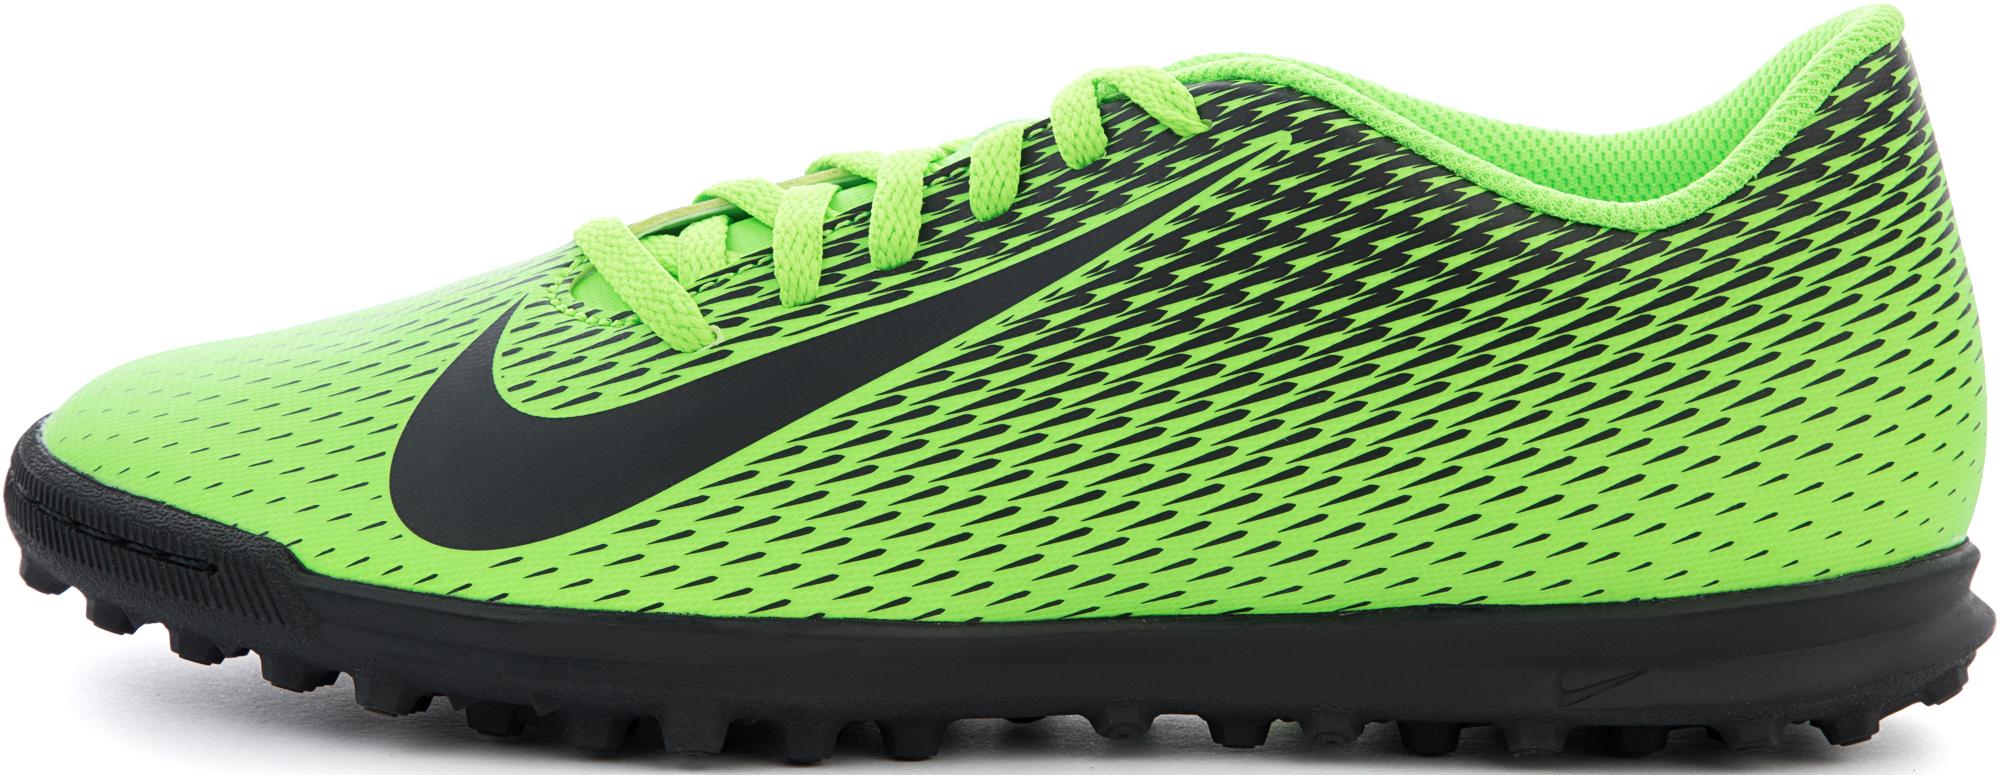 Nike Бутсы мужские Bravatax Ii Tf, размер 46,5